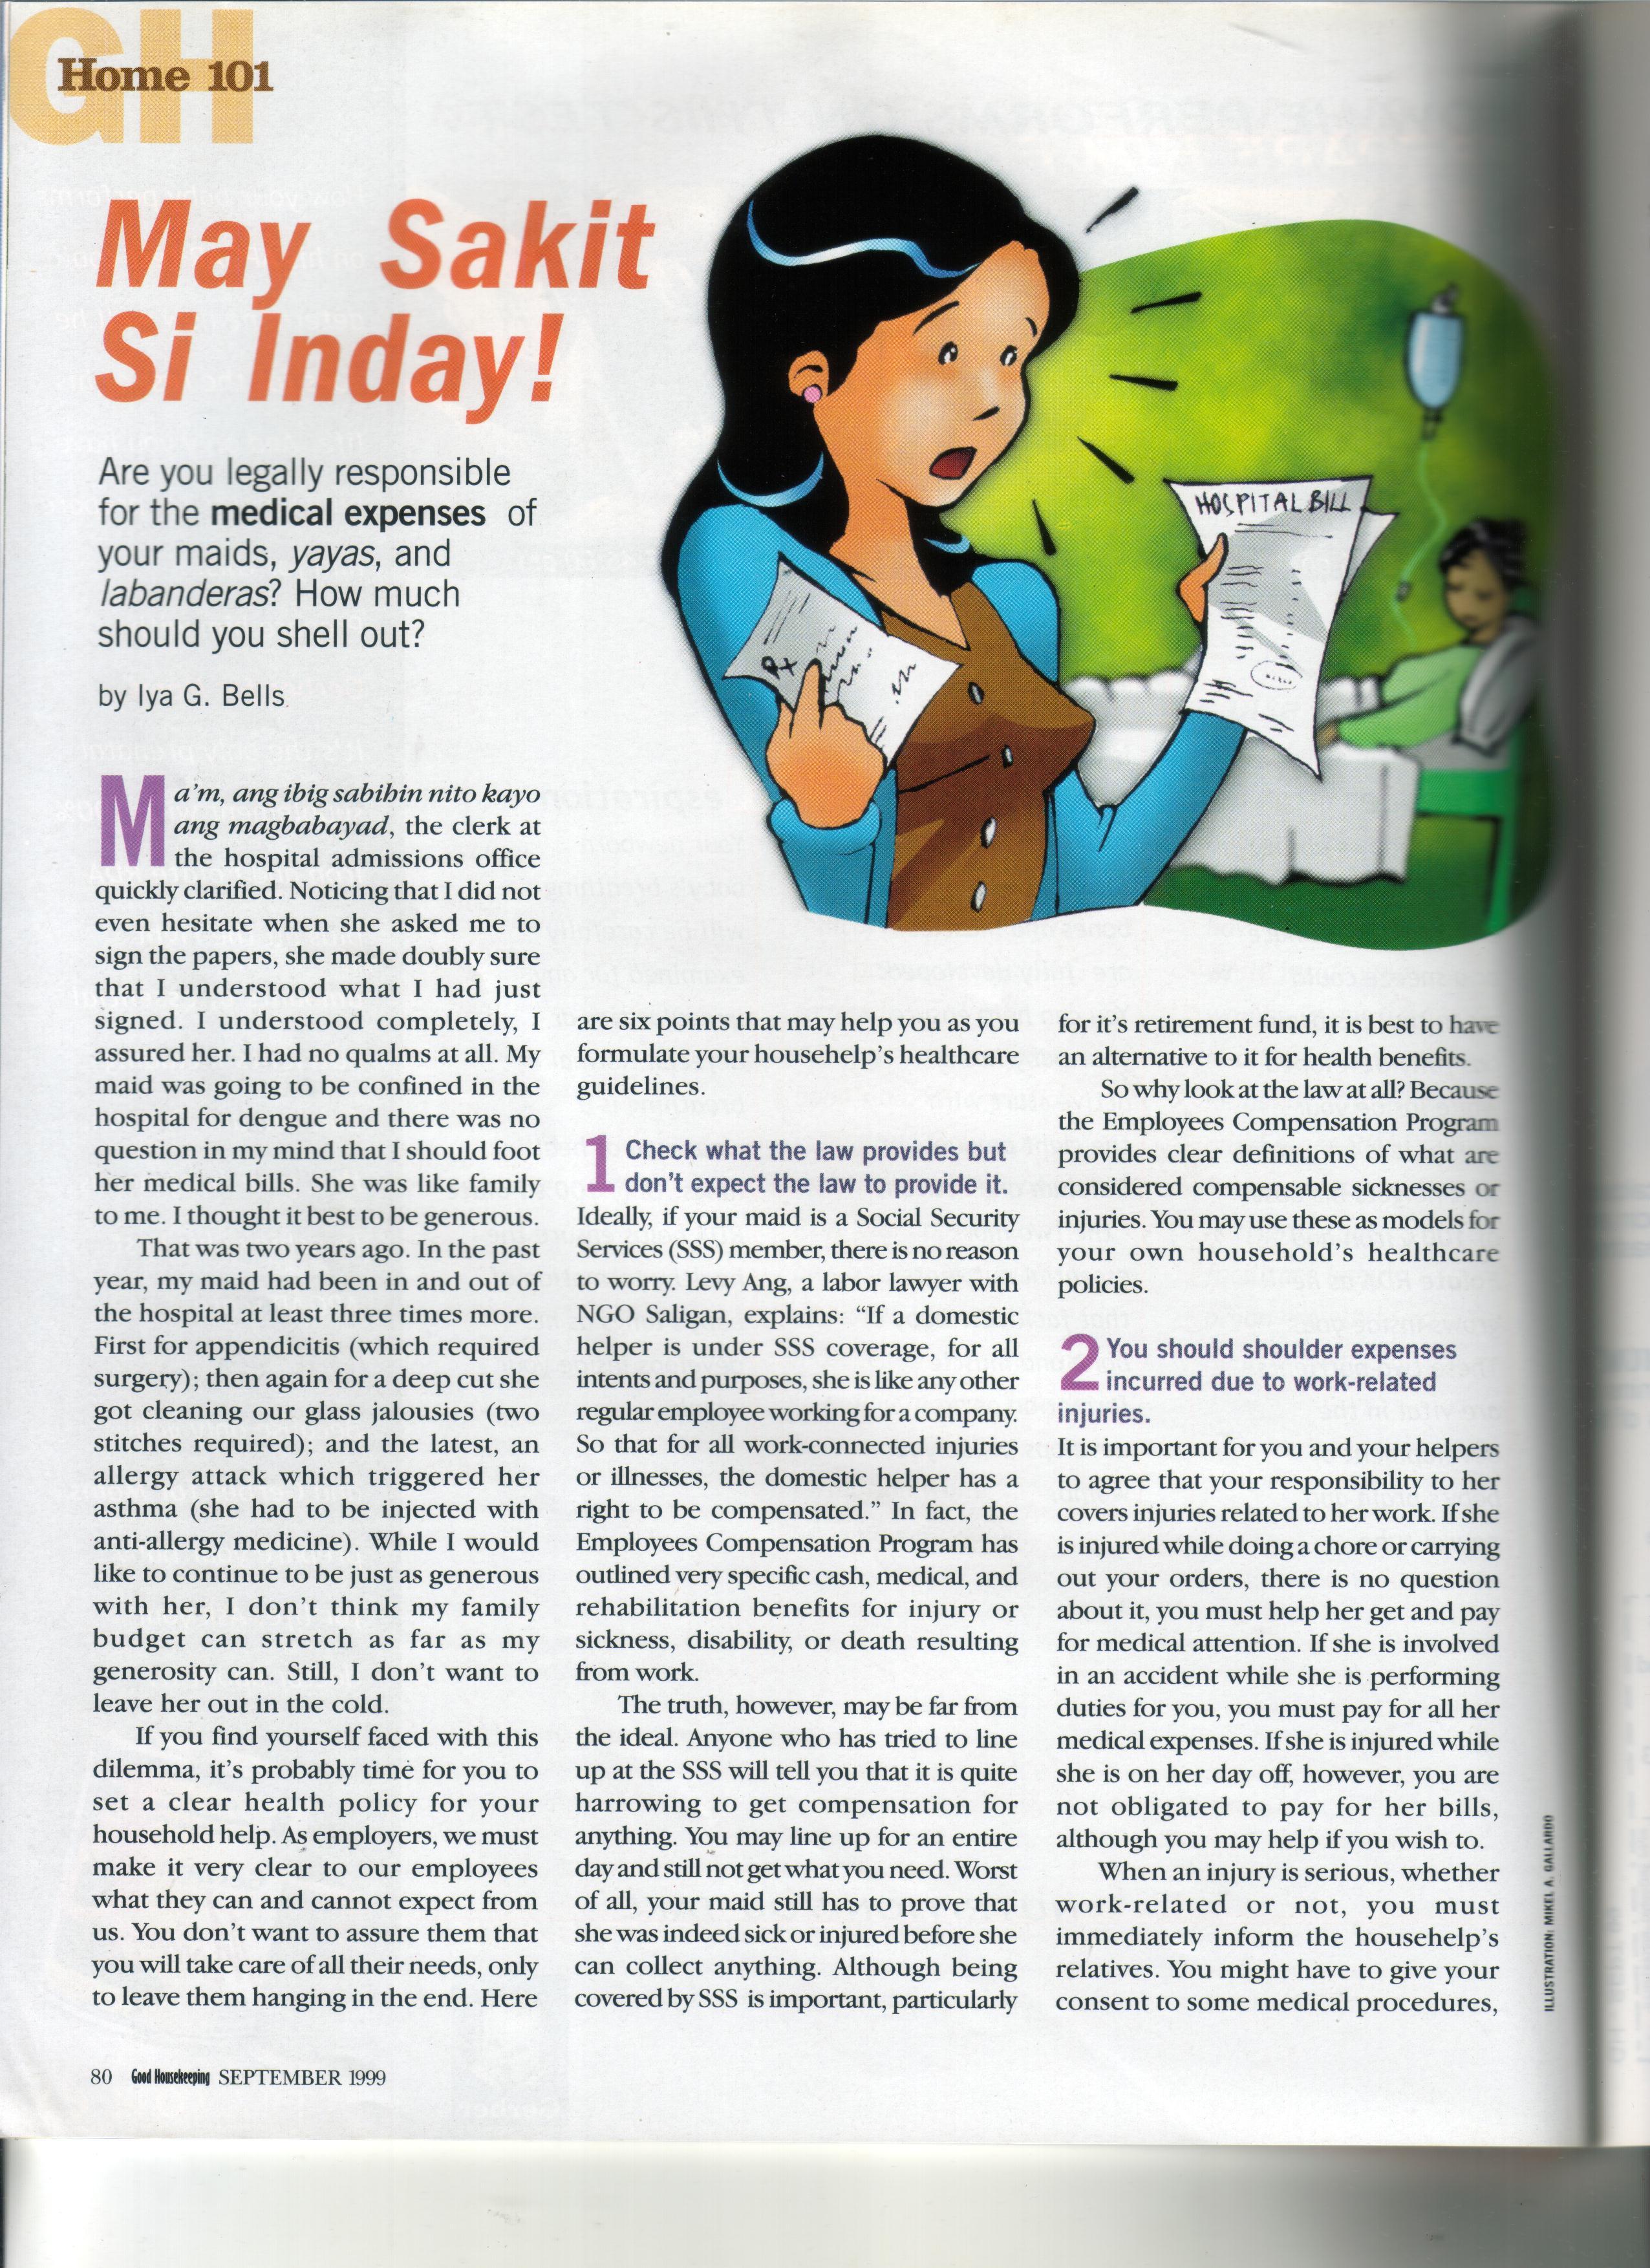 Good Housekeeping Magazine: May Sakit Si Inday!